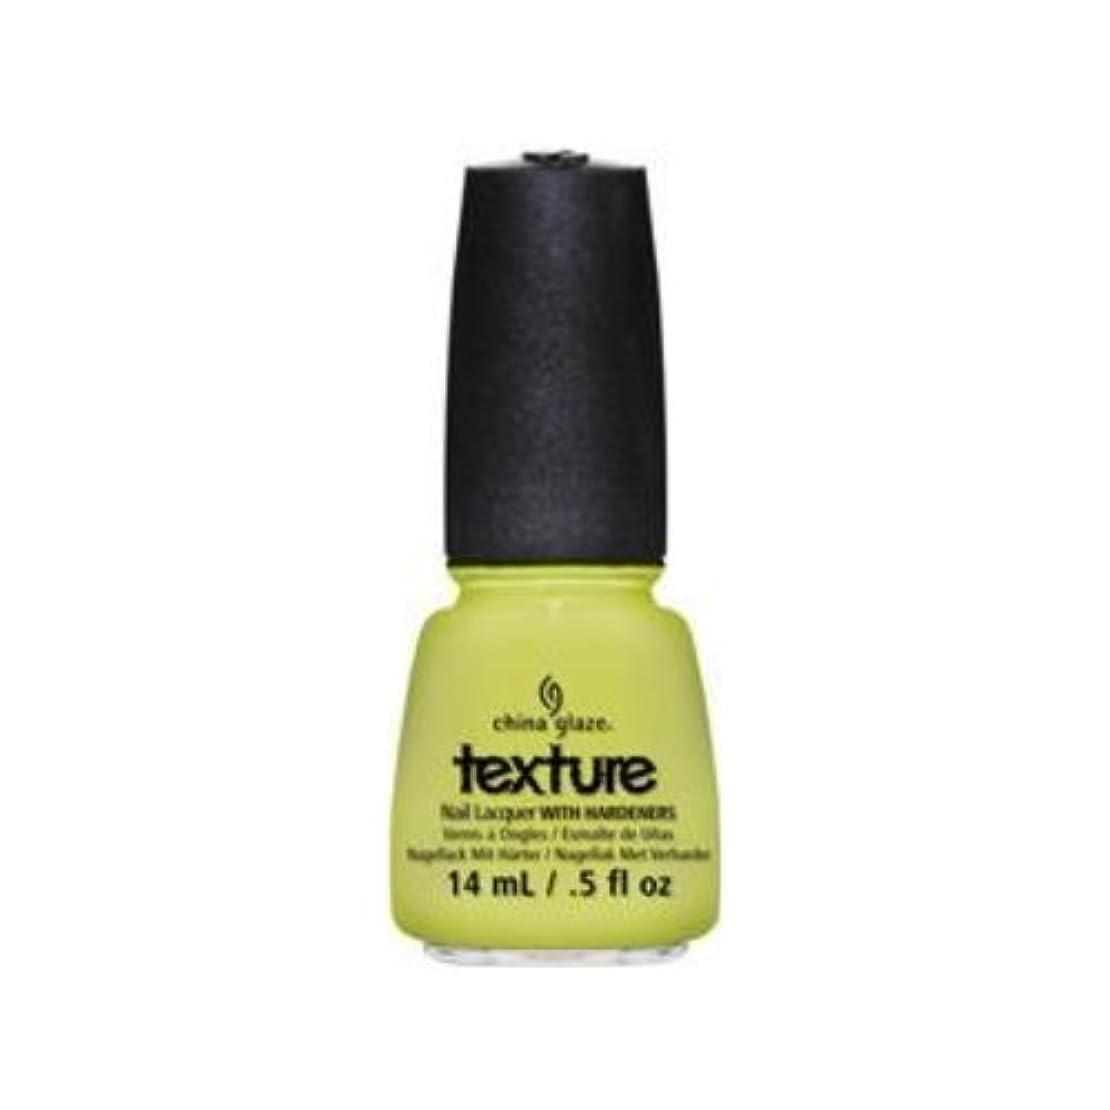 変える内なる気がついて(3 Pack) CHINA GLAZE Texture Nail Lacquers - In The Rough (並行輸入品)